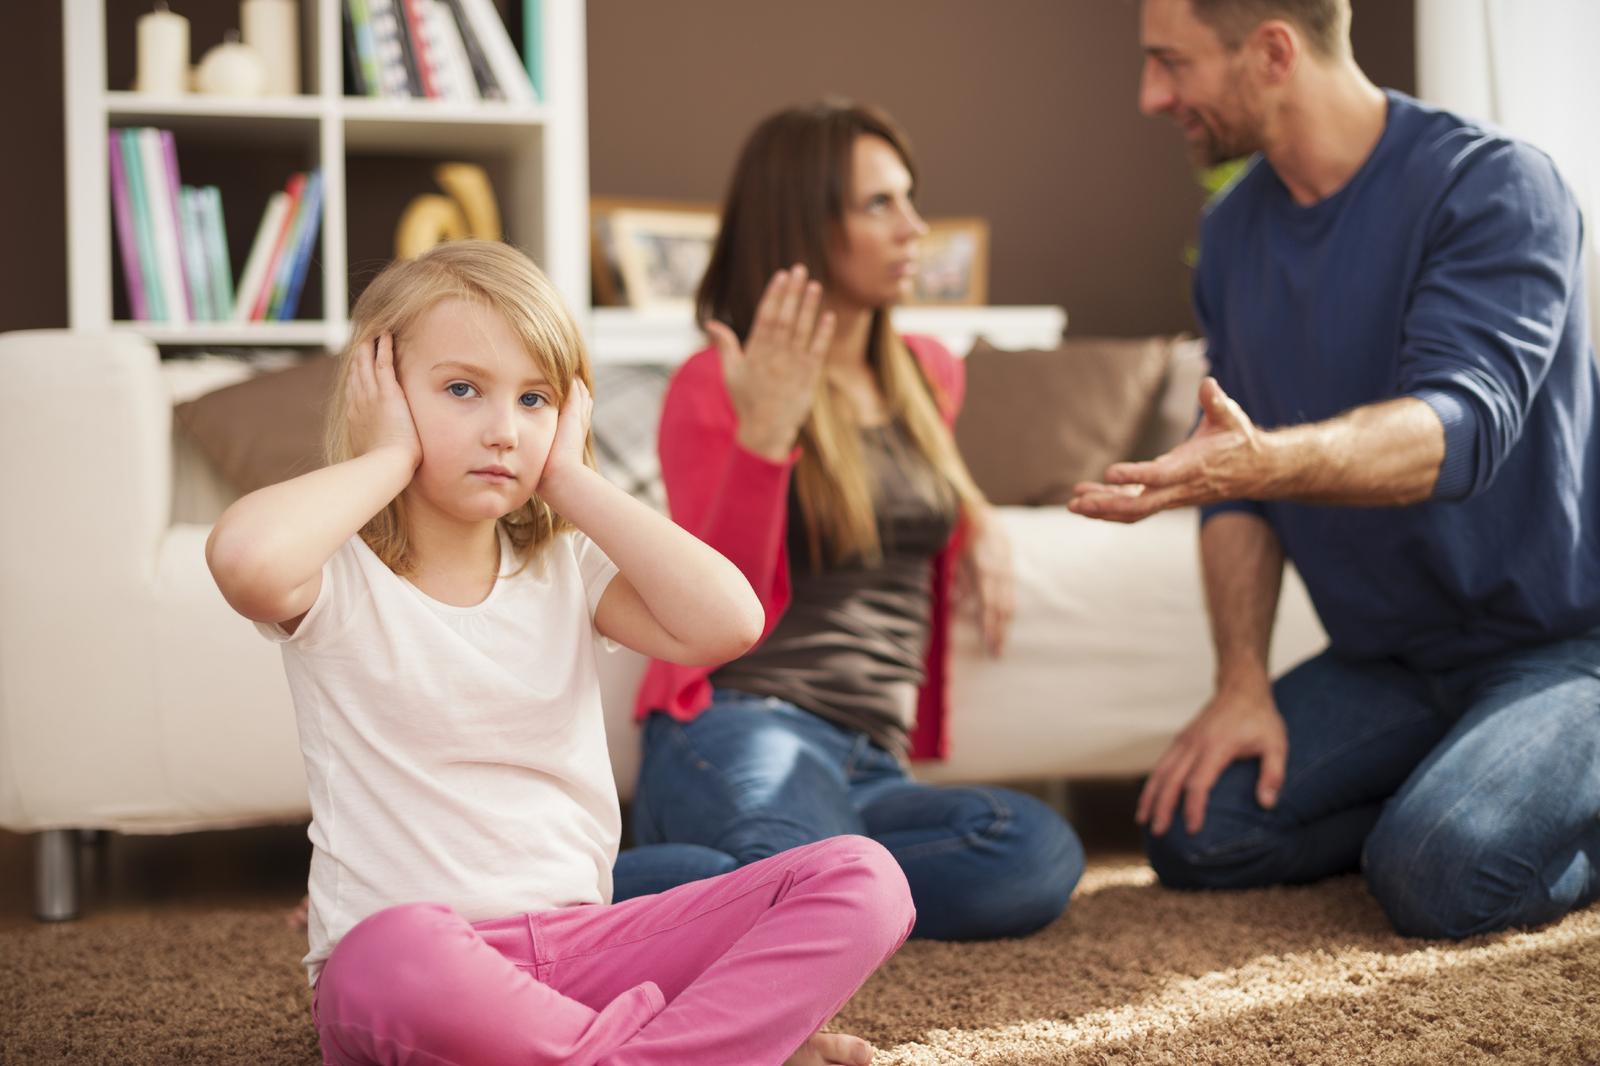 Влияние эмоцианального состояния ребенка на его здоровье